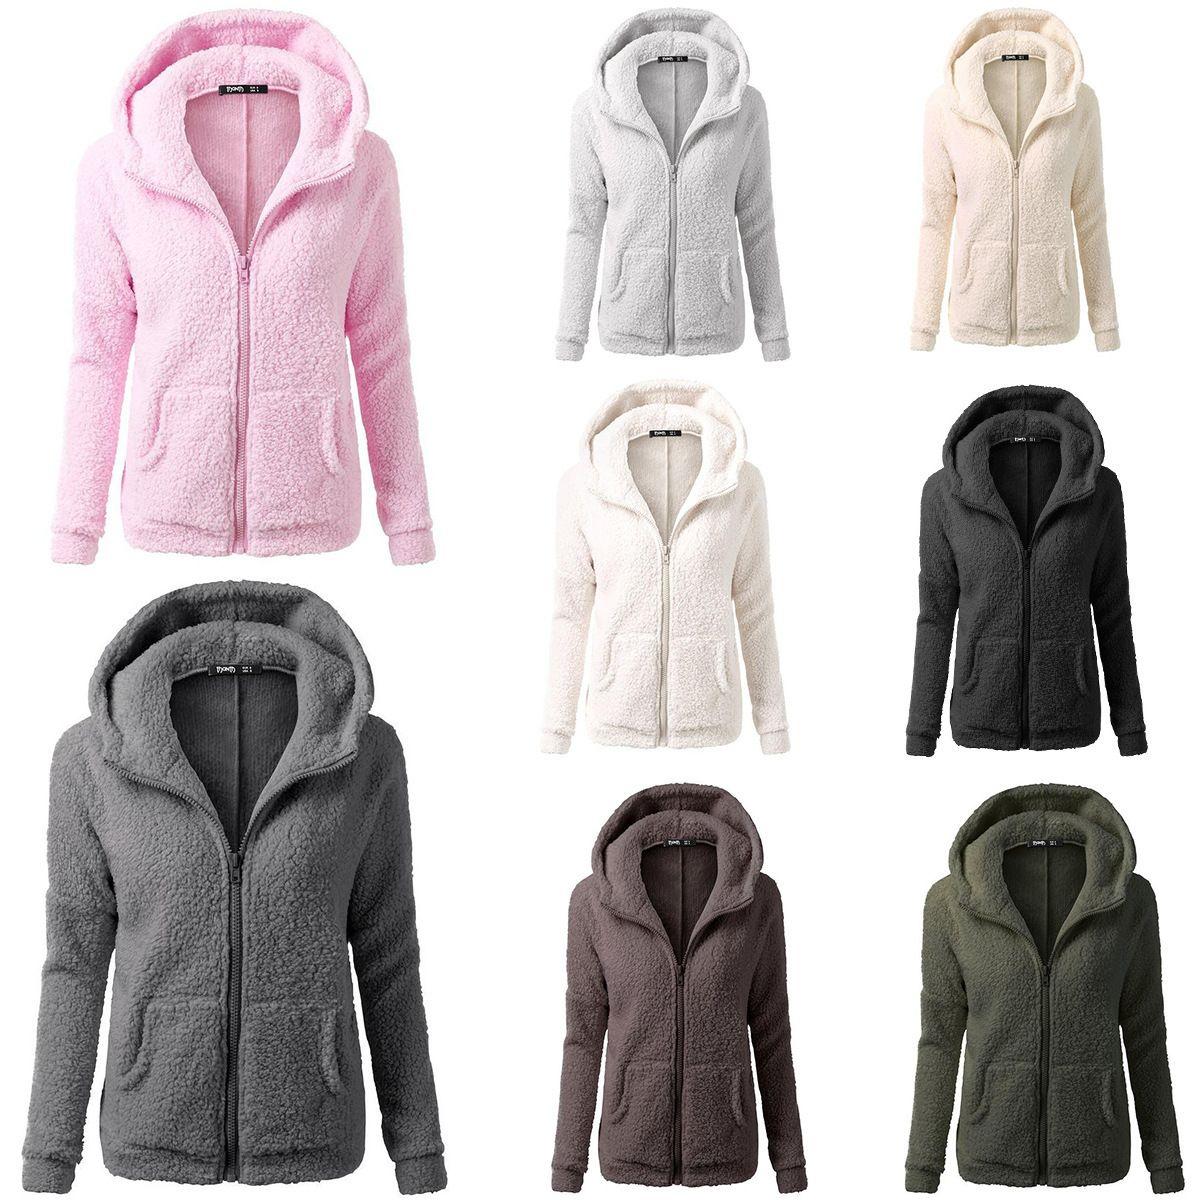 30a0b5bbab2 Winter Sherpa Pullover Hooded Jacket Women Zipper Fleece Soft Warm Coat  Overcoat Outwear Thicken Warm Home Clothing 8size AAA1025 Black Jacket  Fleece ...